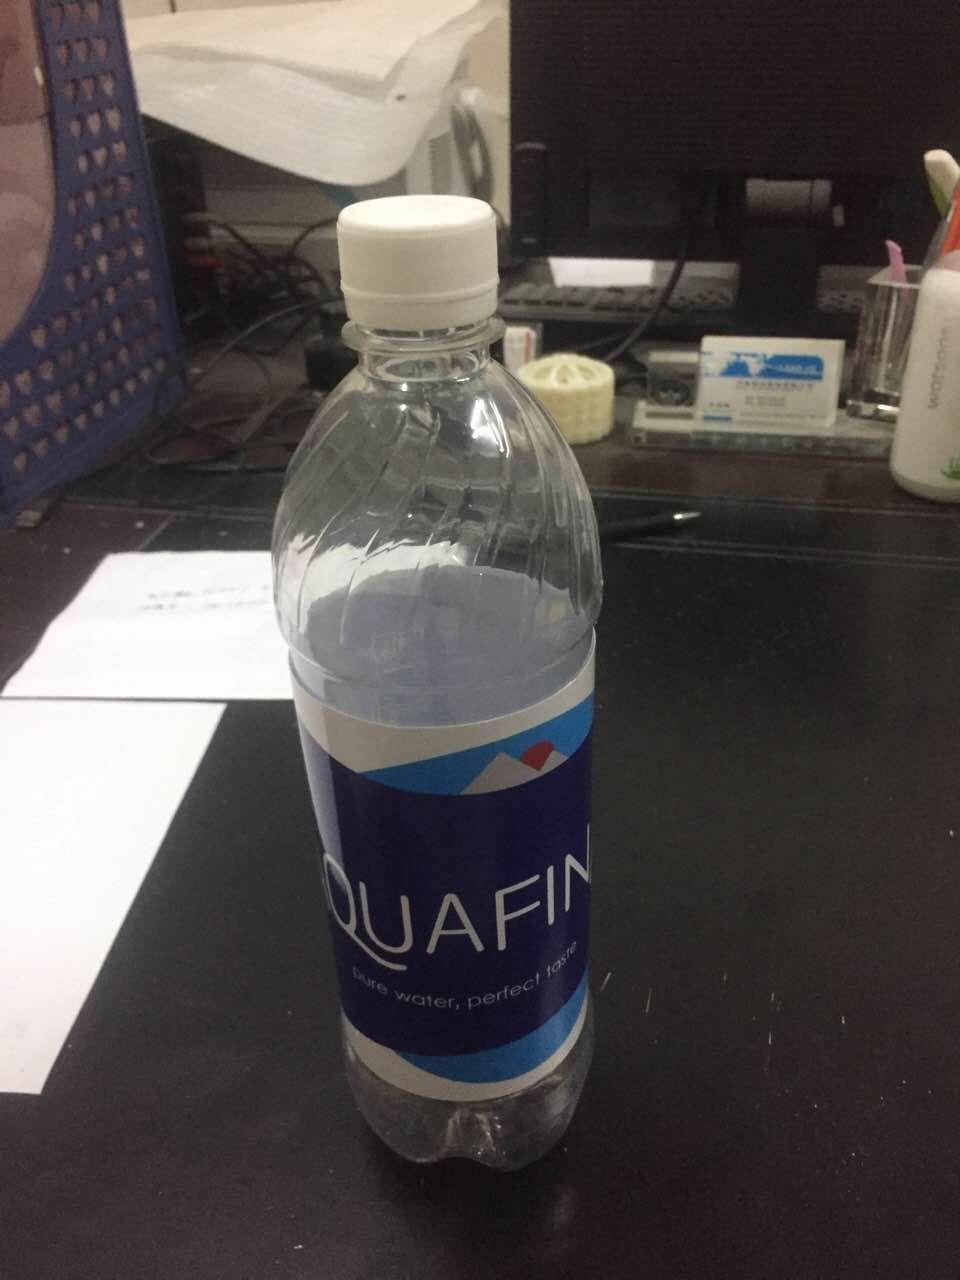 aquafina bouteille d 39 eau d routement s r pouvez ranger bouteille cach e la s curit des. Black Bedroom Furniture Sets. Home Design Ideas